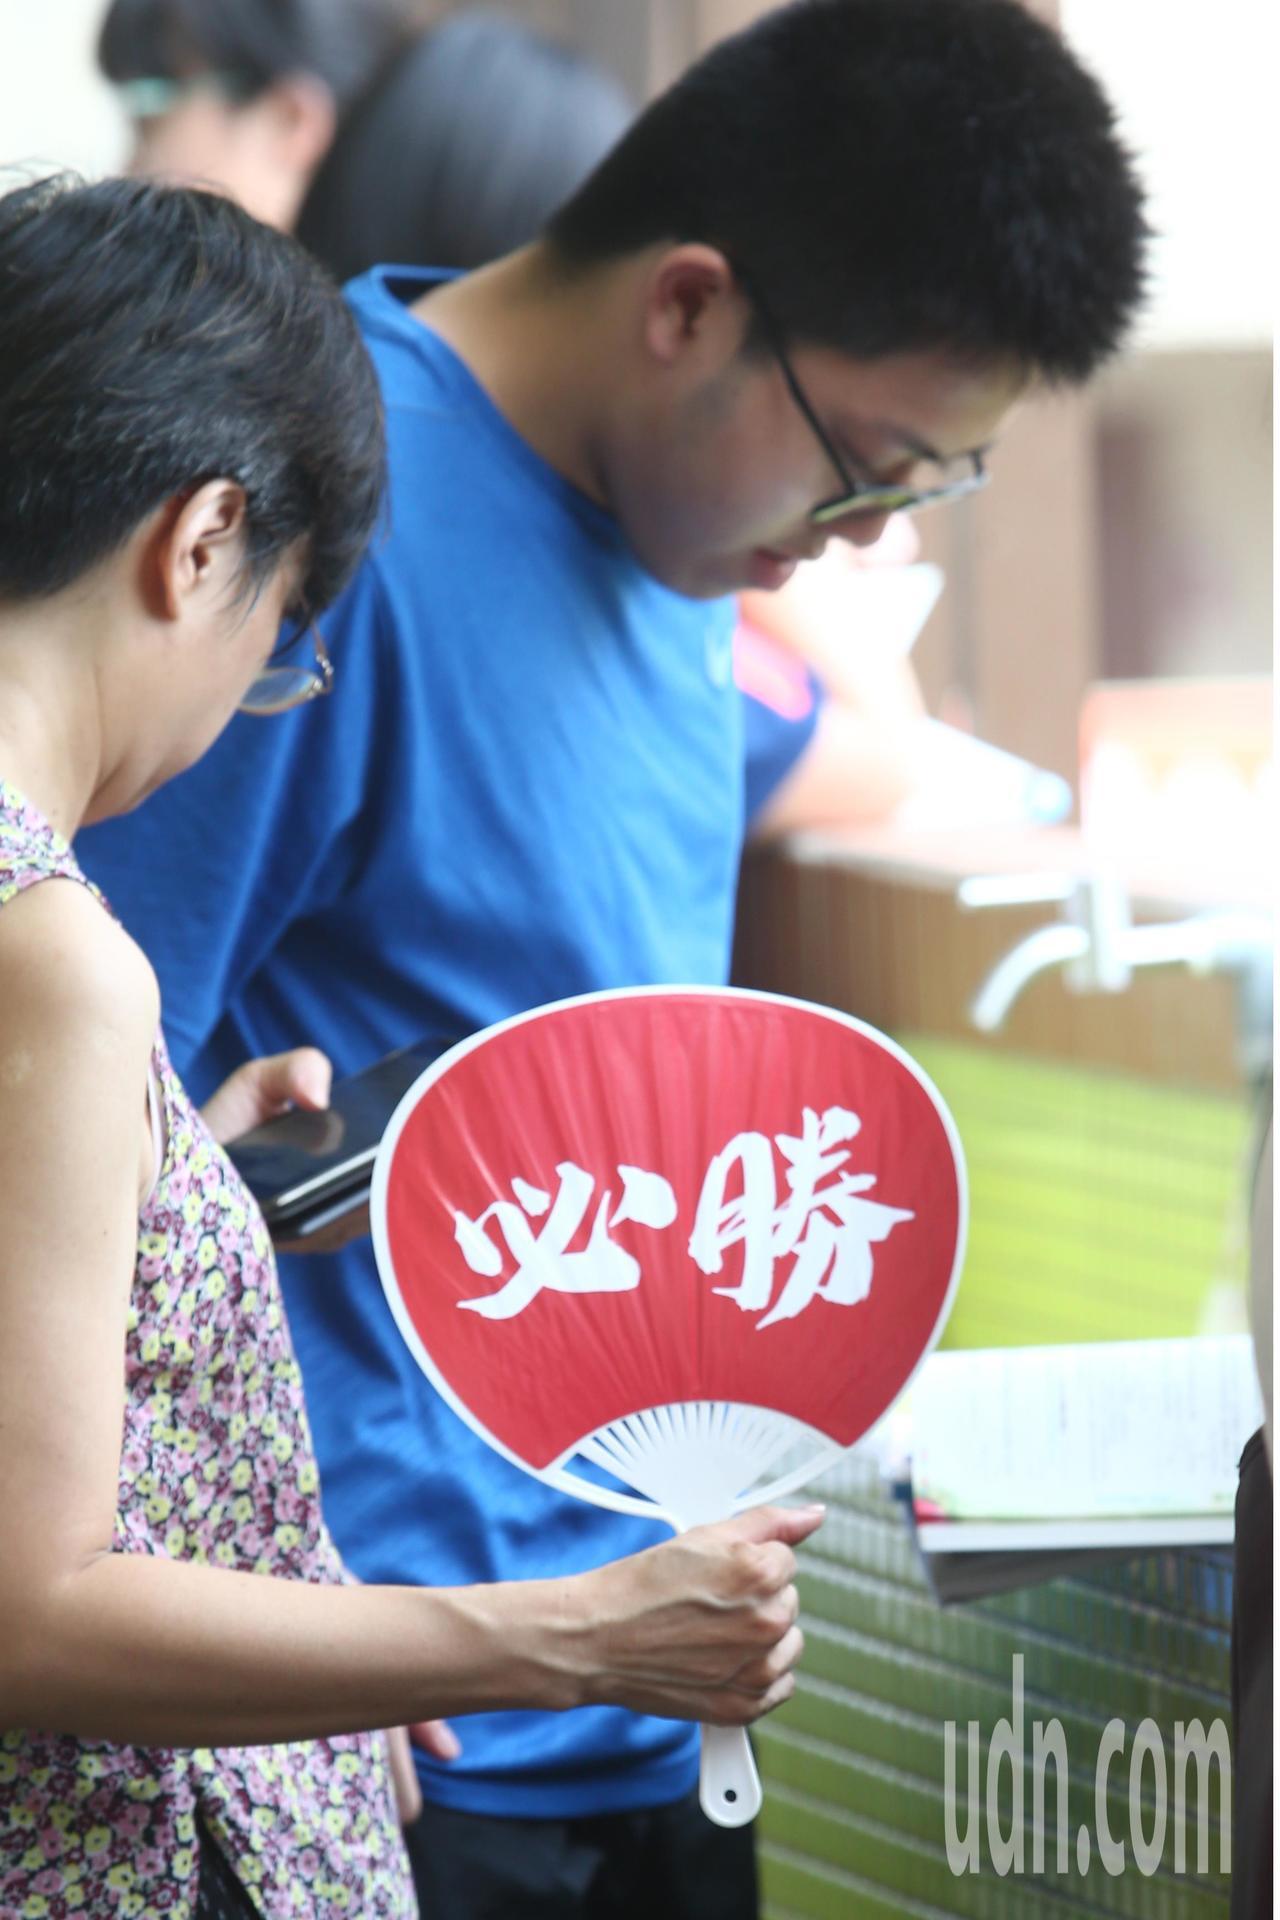 108學年度指定科目考試7月1日至3日舉行,上午指考第一天考物理、化學、生物,一...